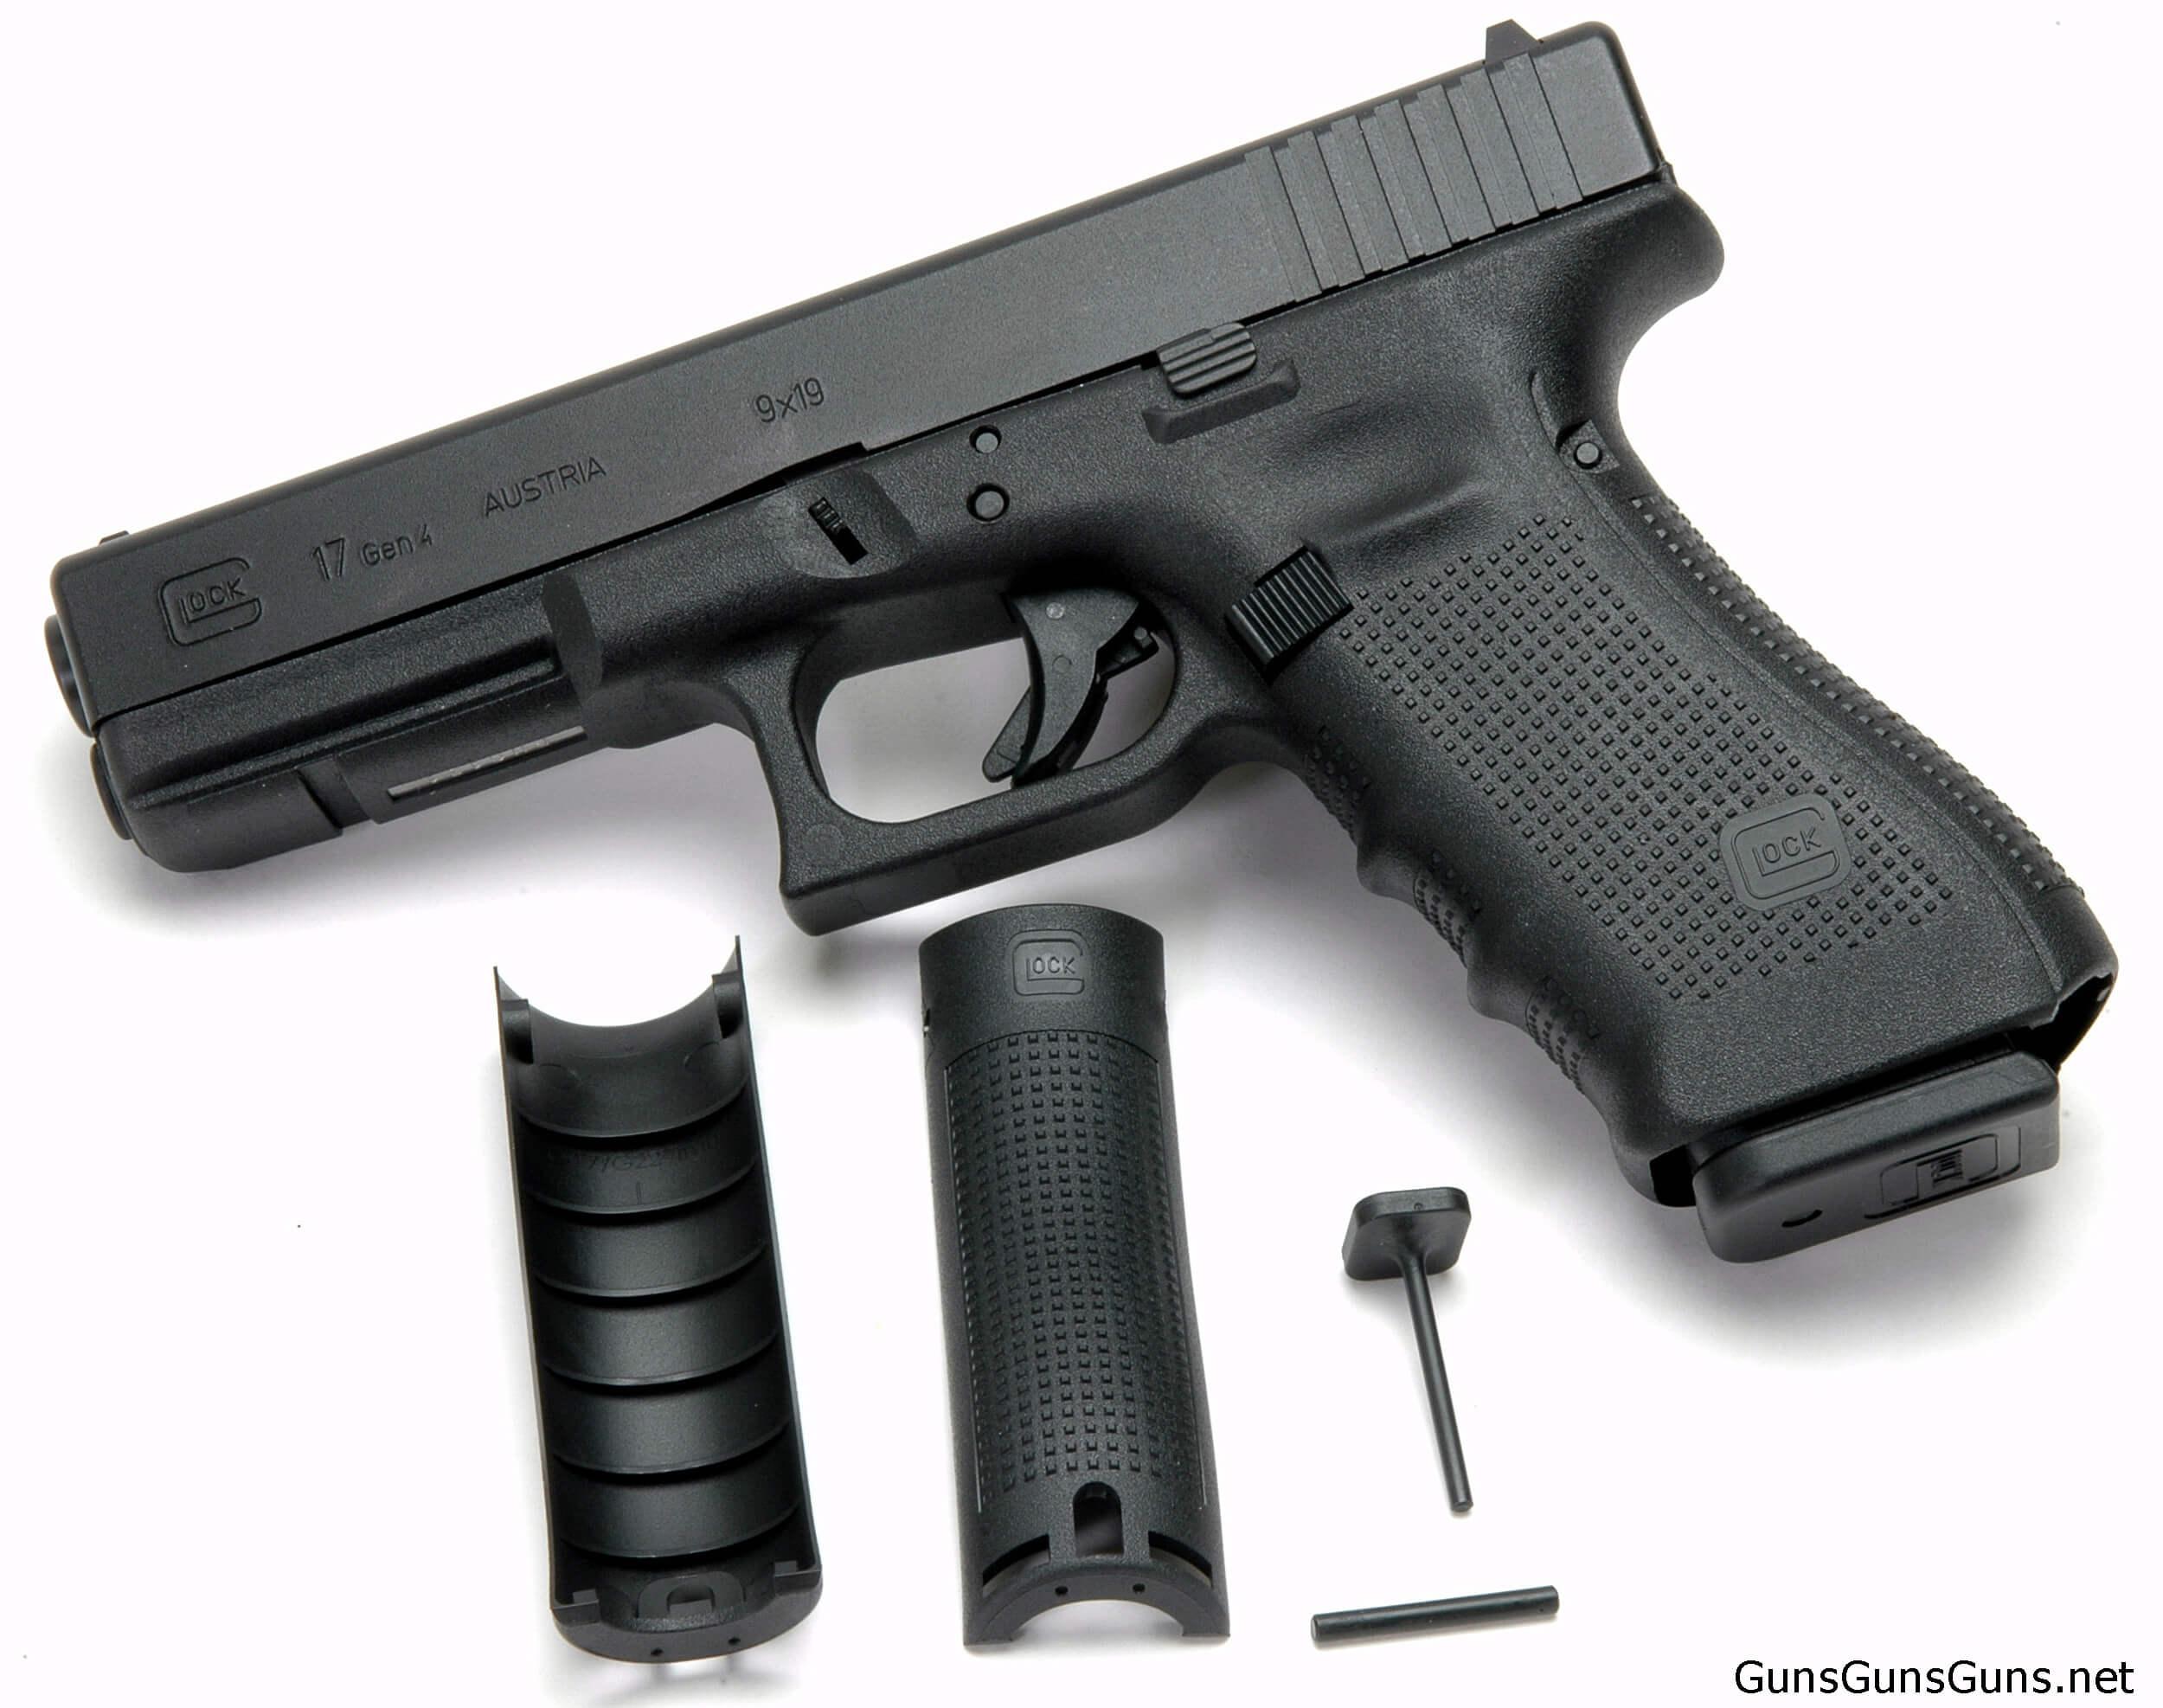 Difference between Glock Gen1, Glock Gen2, Glock Gen3, Glock